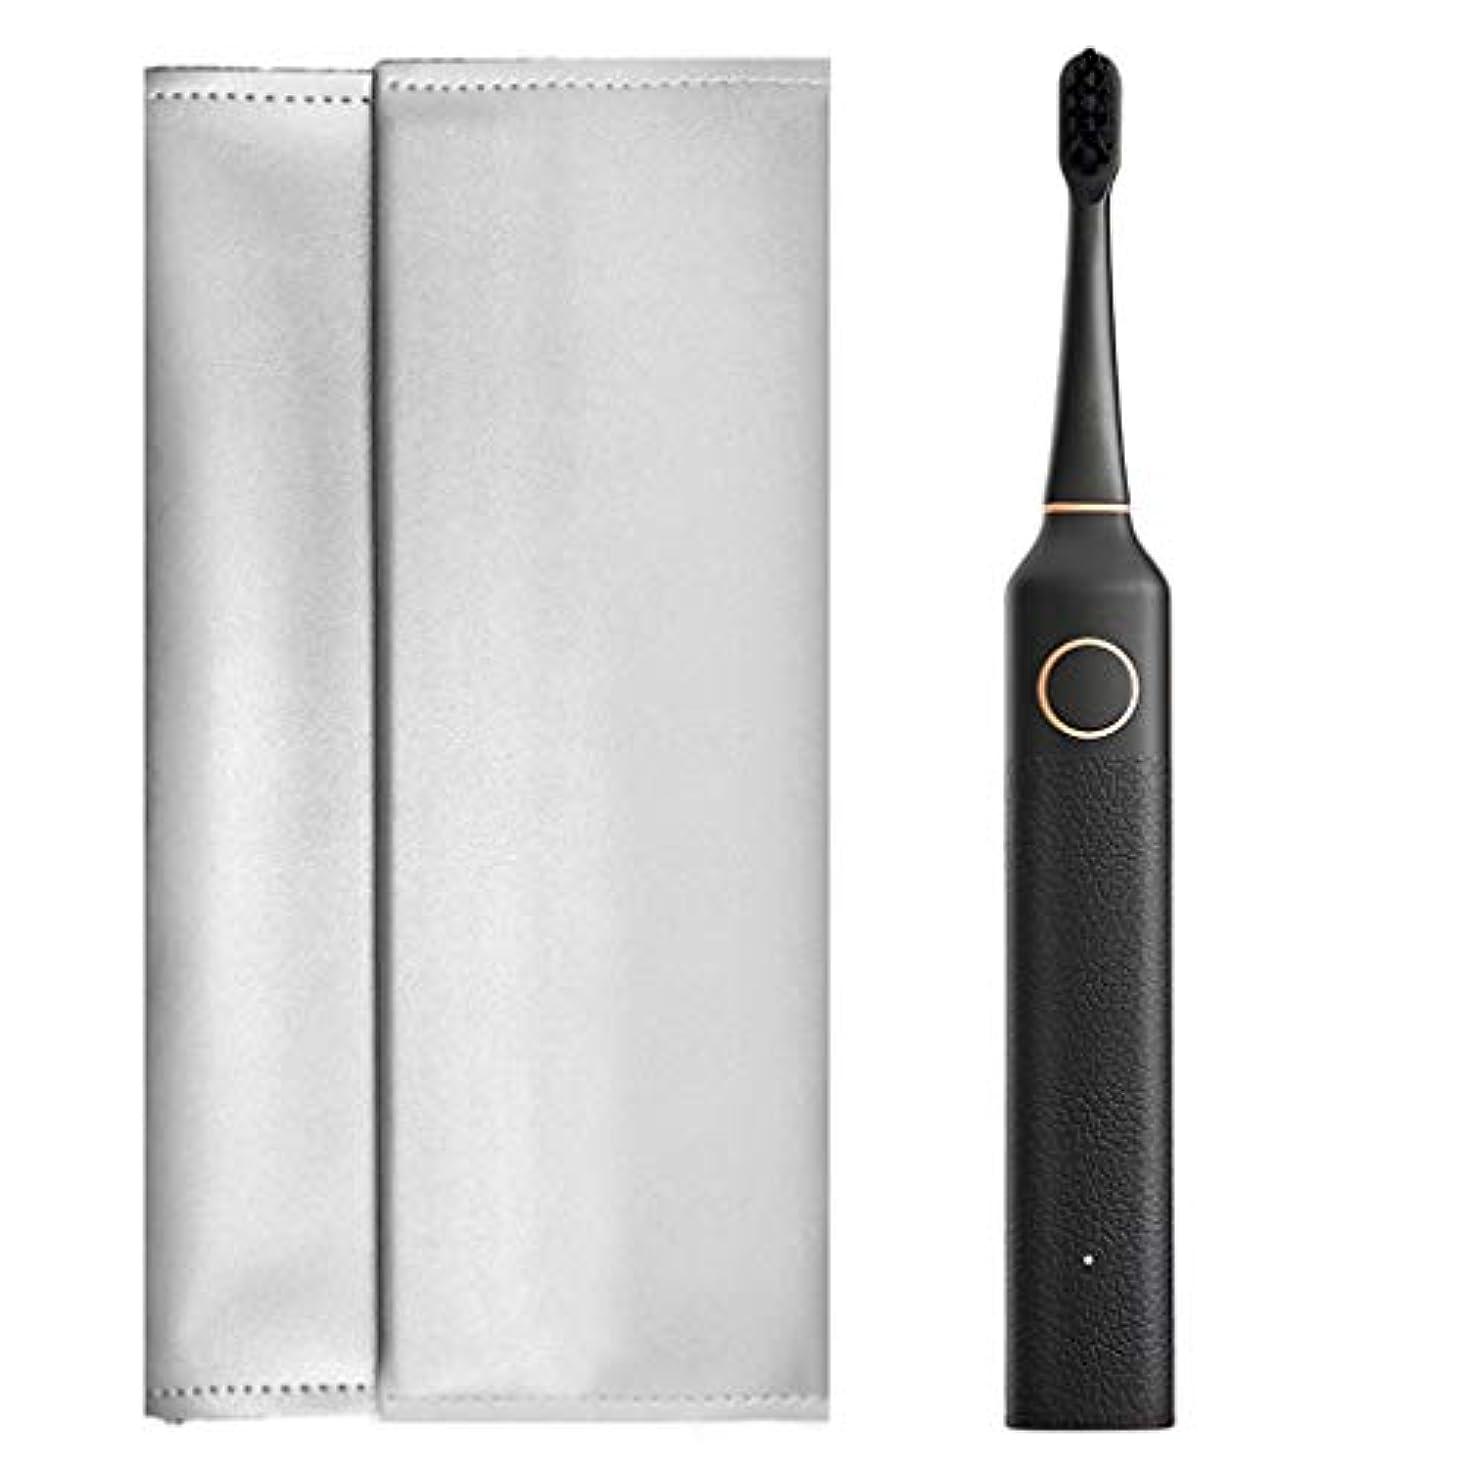 有限好む守る大人の回転電動歯ブラシ、スマートタイマーと強力な電池寿命を備えた充電式歯ブラシ (色 : D)